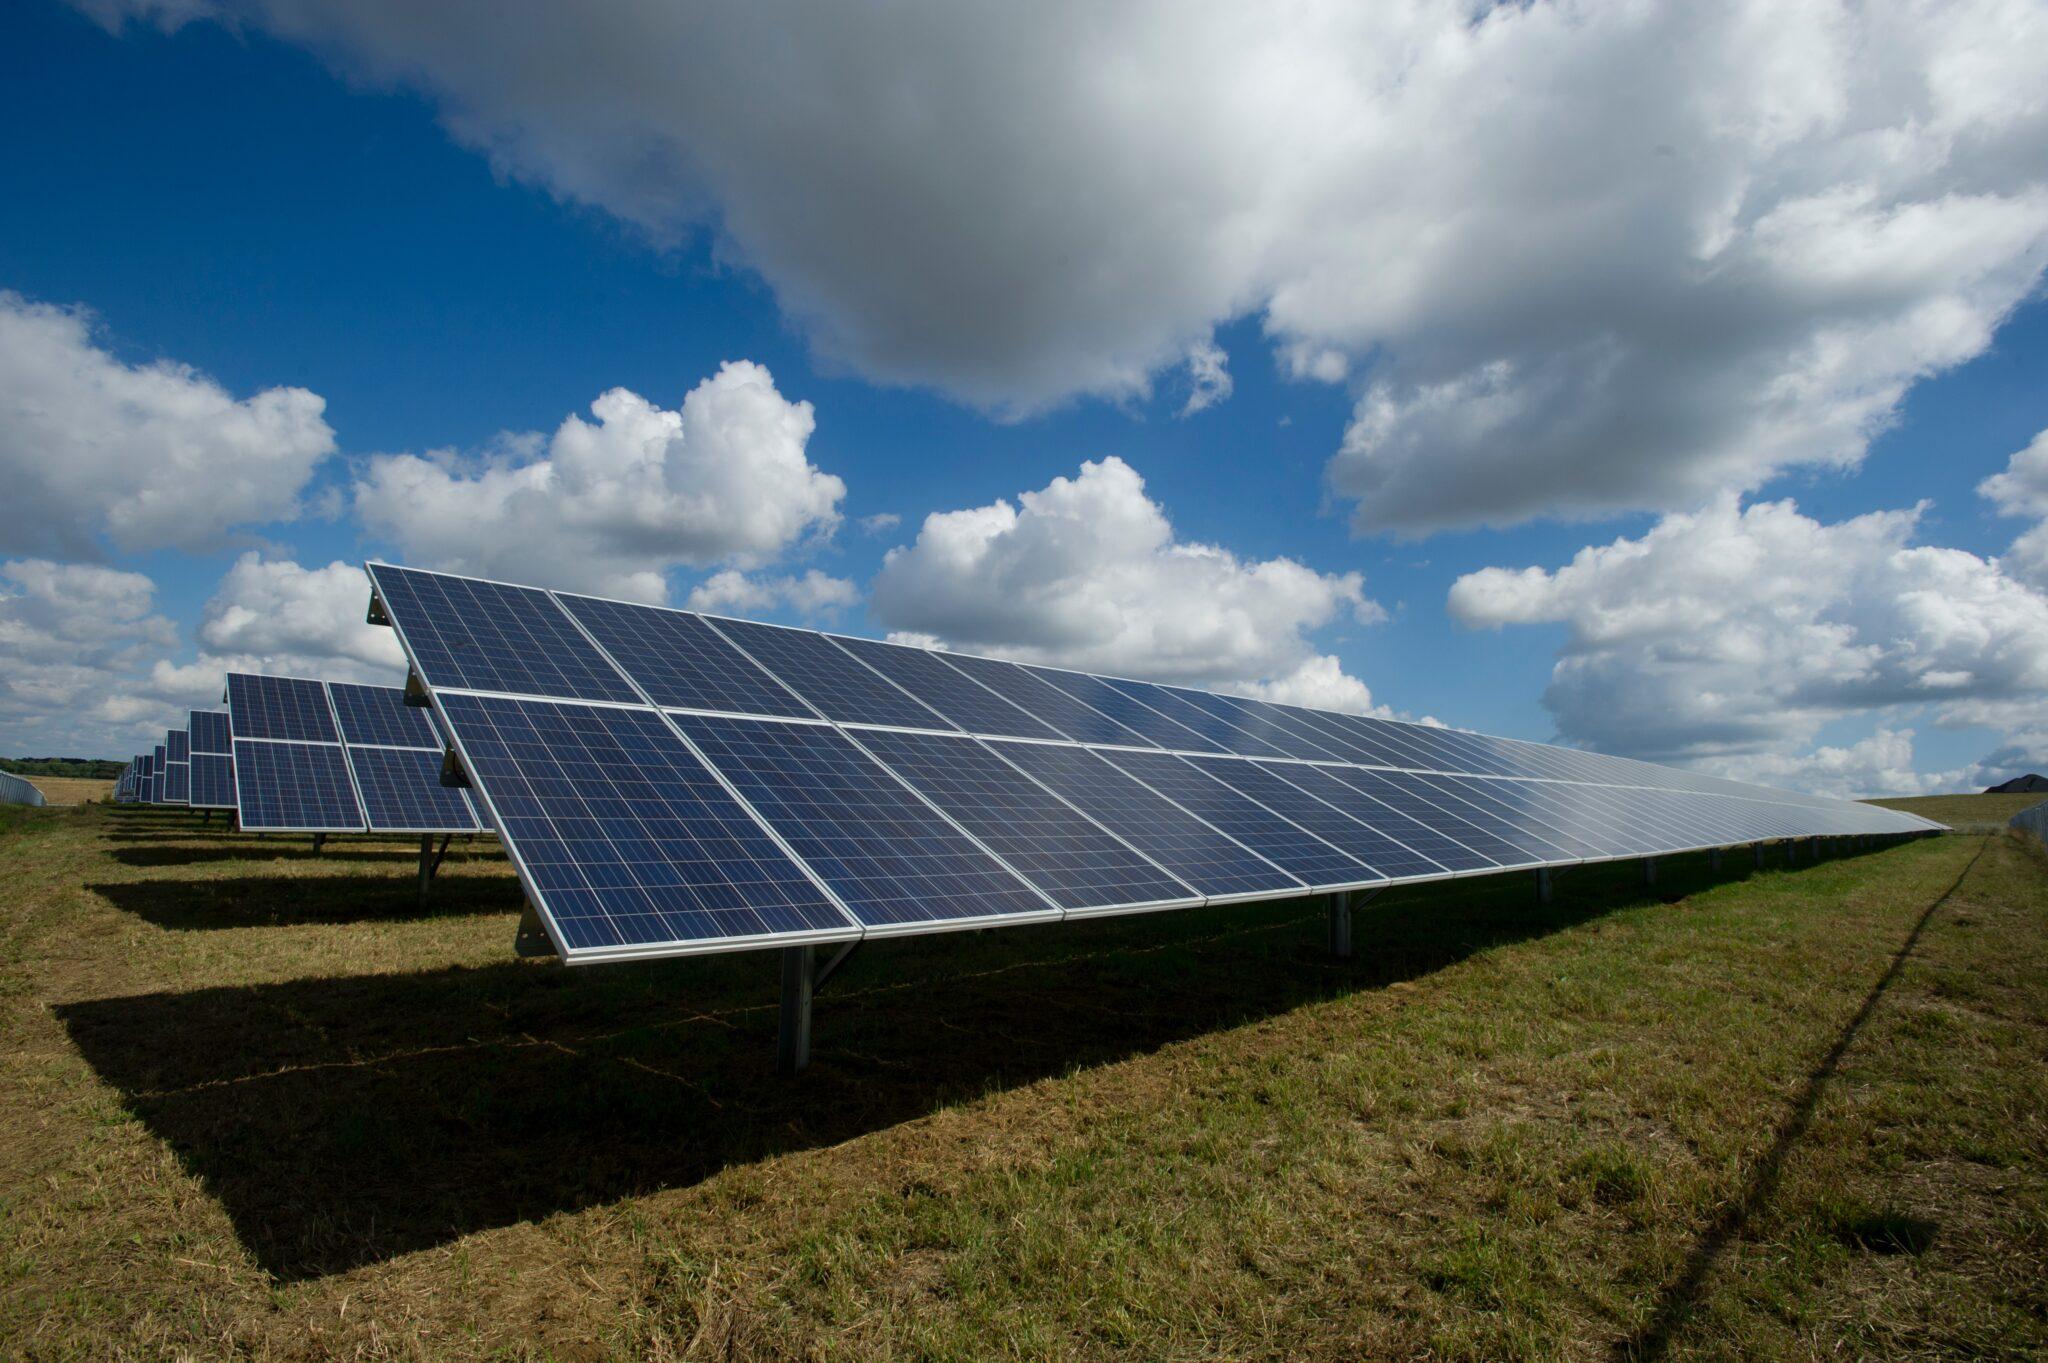 Queensland S New Solar Regulations Invalidity Is Confirmed